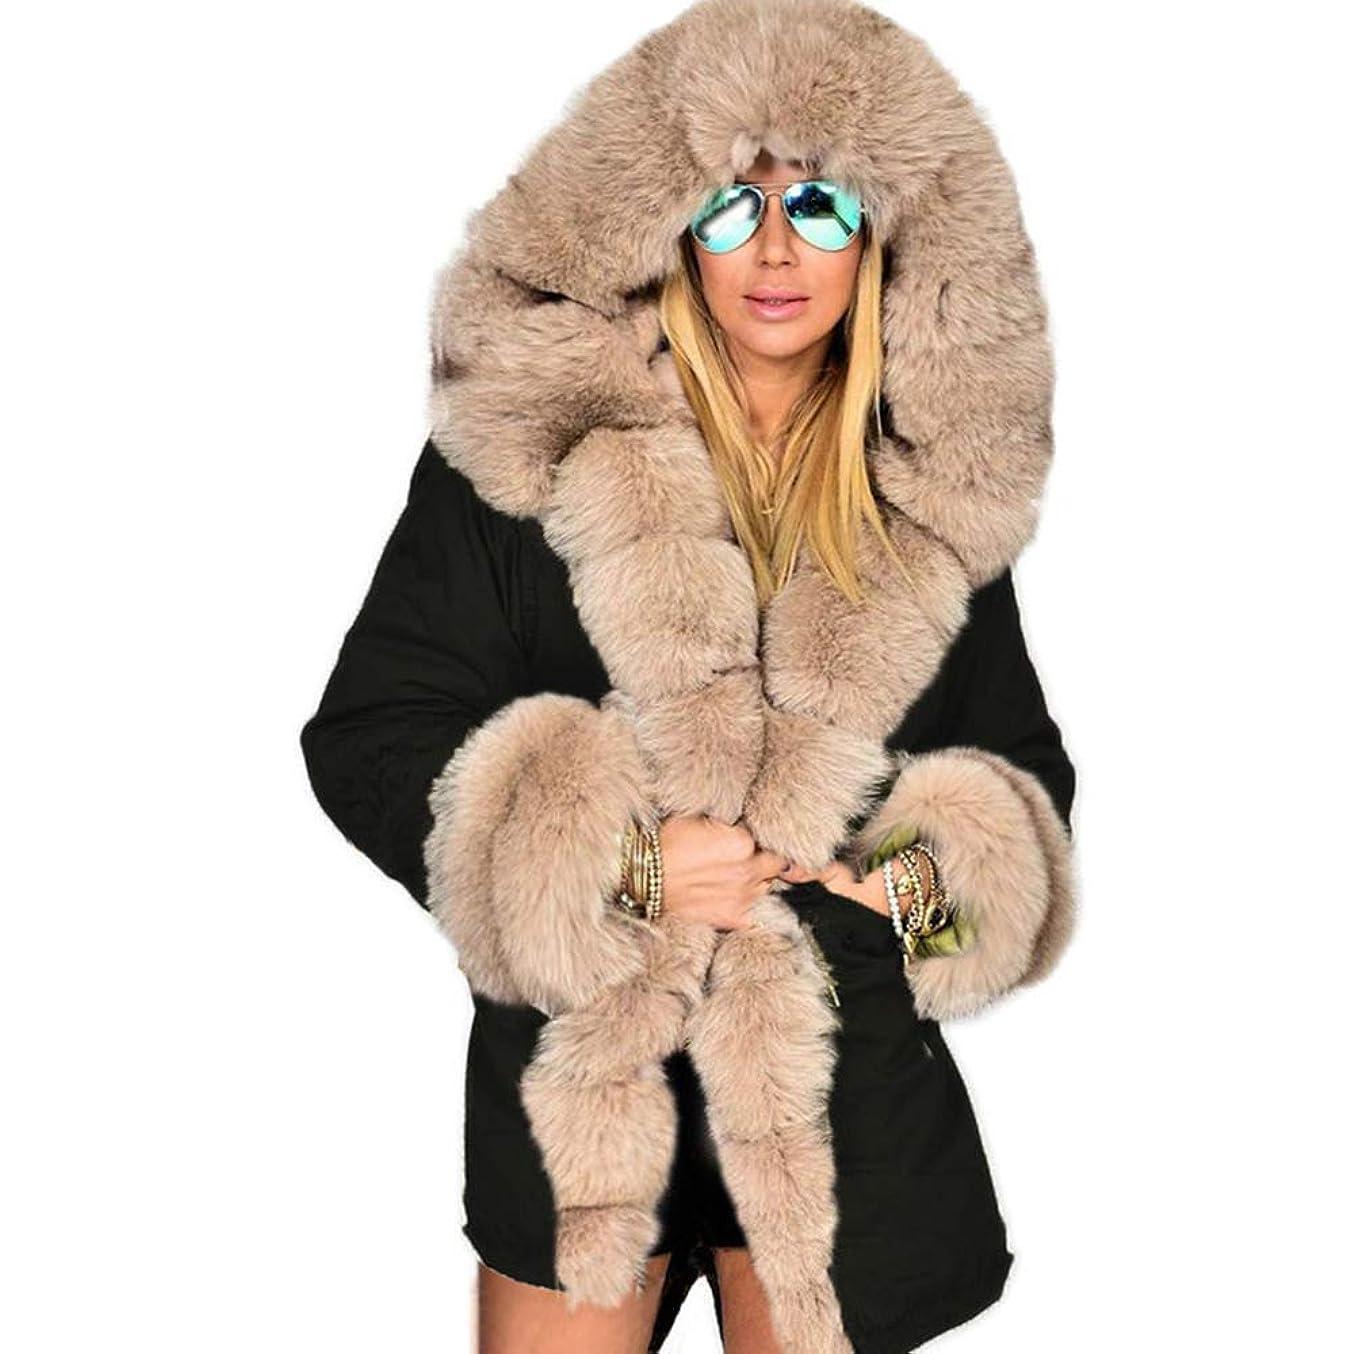 登録処分した命題冬ジャケット女性ファッションフードコートフェイクファーカラーコットンフリースウォームコートパーカスパーカープラスサイズロングコート,M